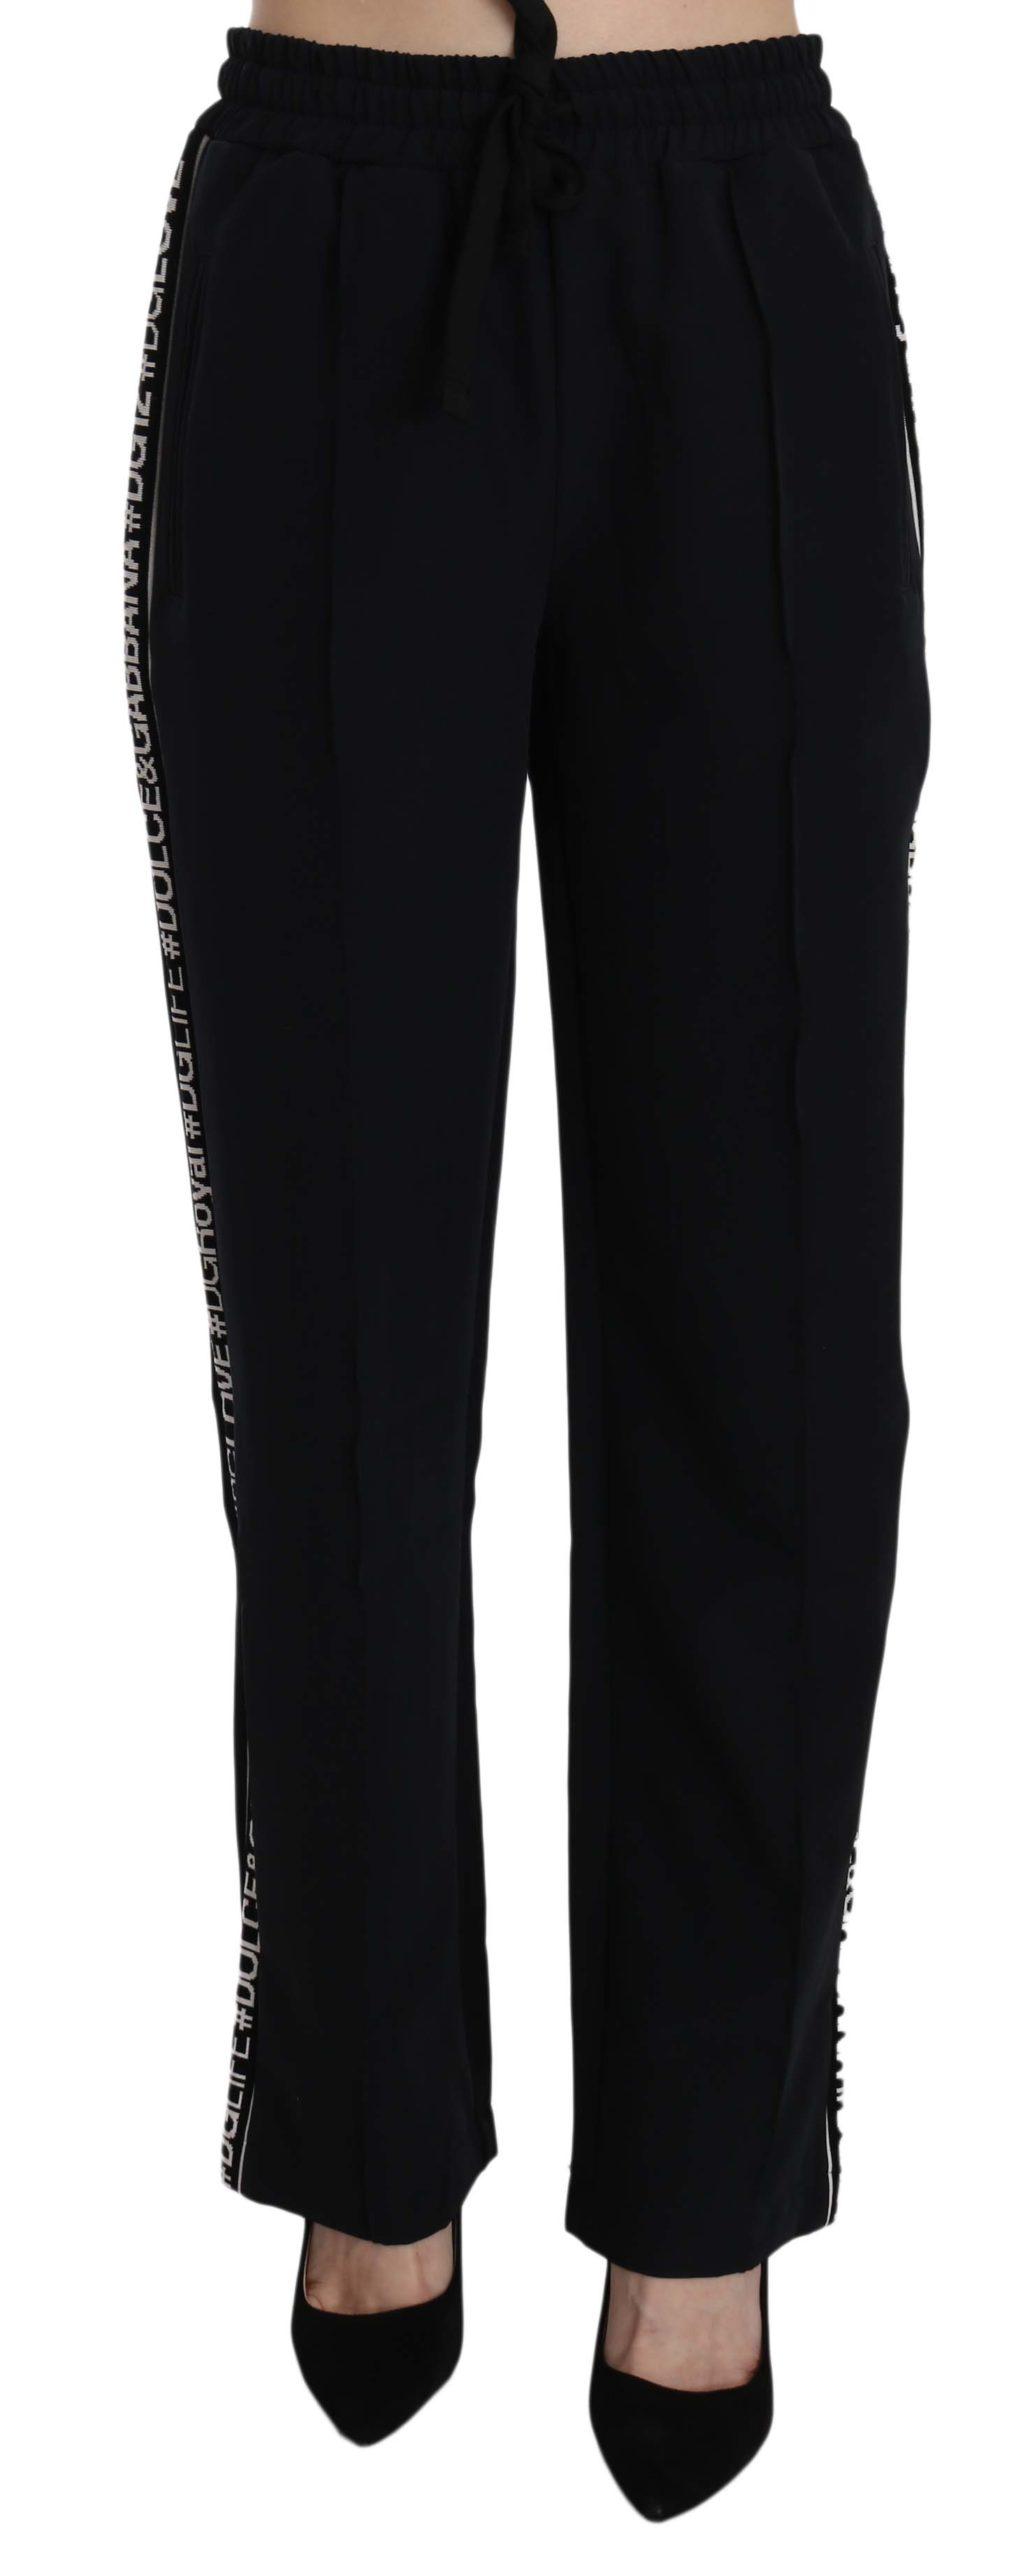 Dolce & Gabbana Women's Trouser Black PAN70264 - IT42|M